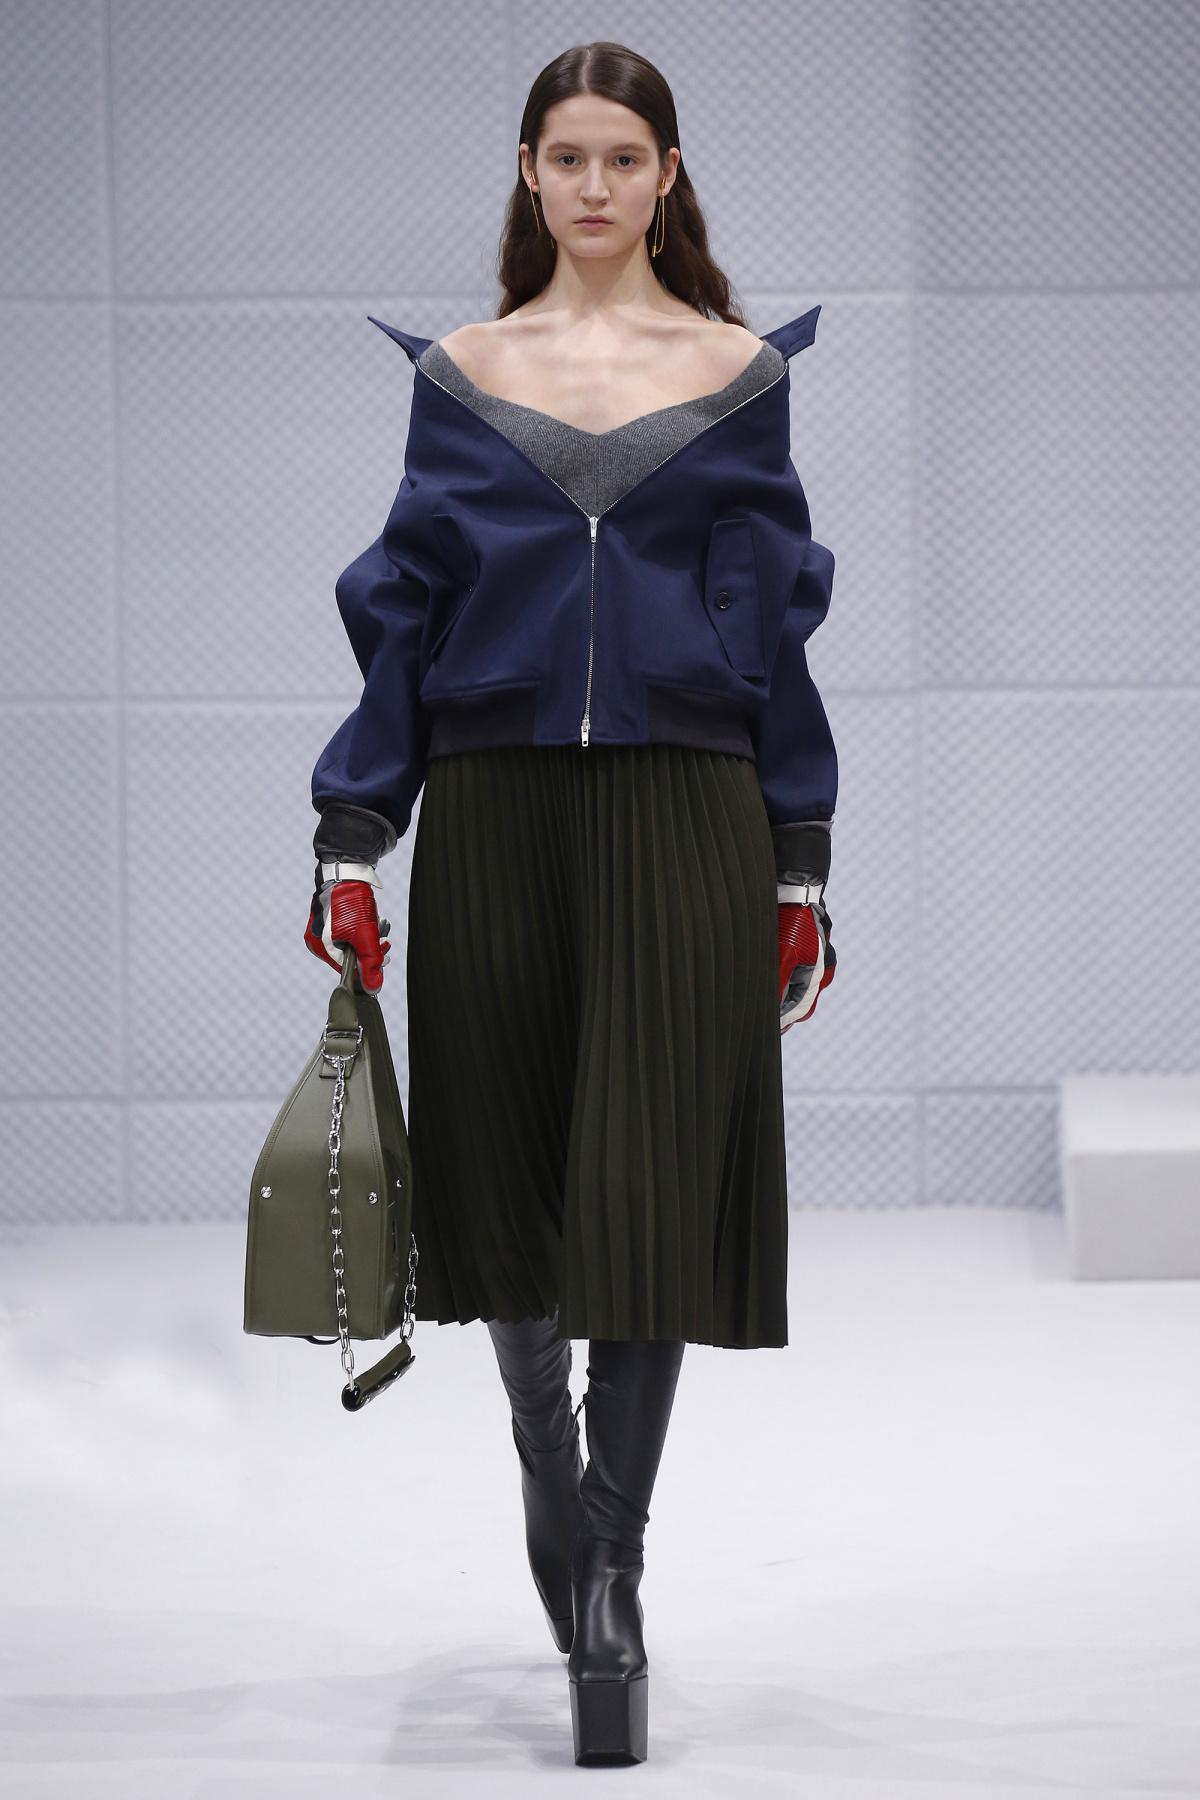 6 xu hướng thời trang nổi bật Paris Fashion Week FW16/17